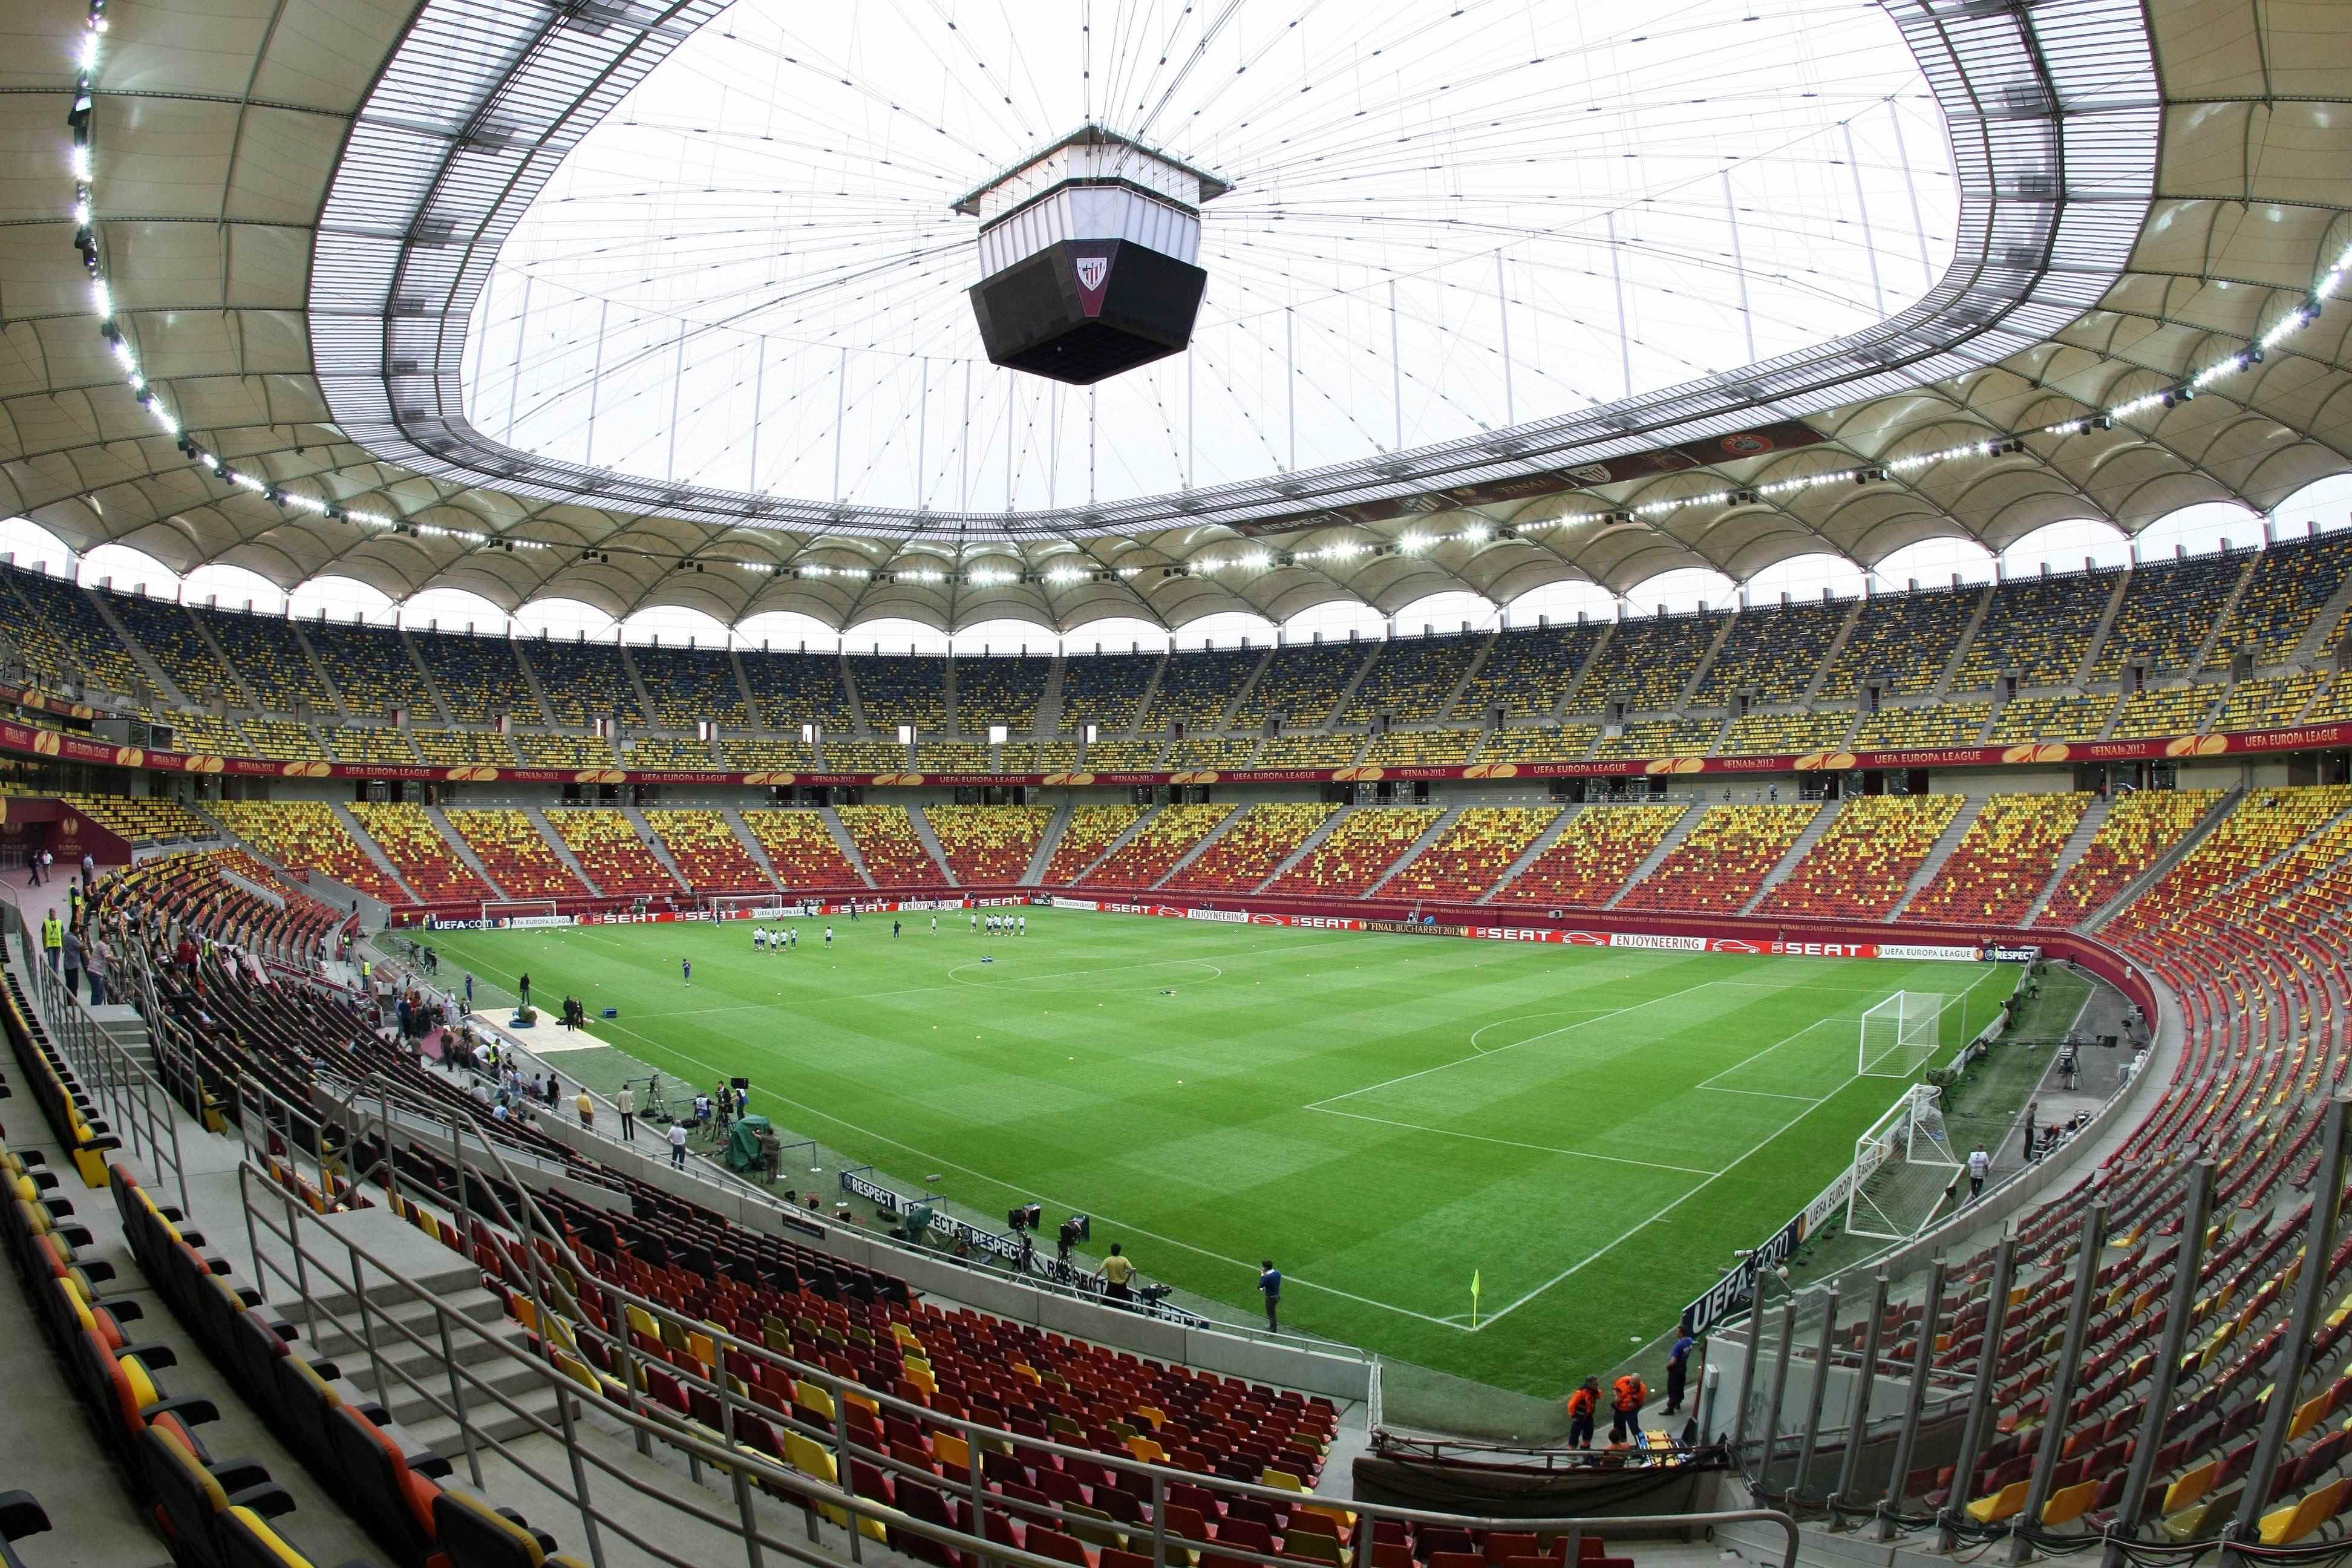 Un émissaire du PSG envoyé en Roumanie